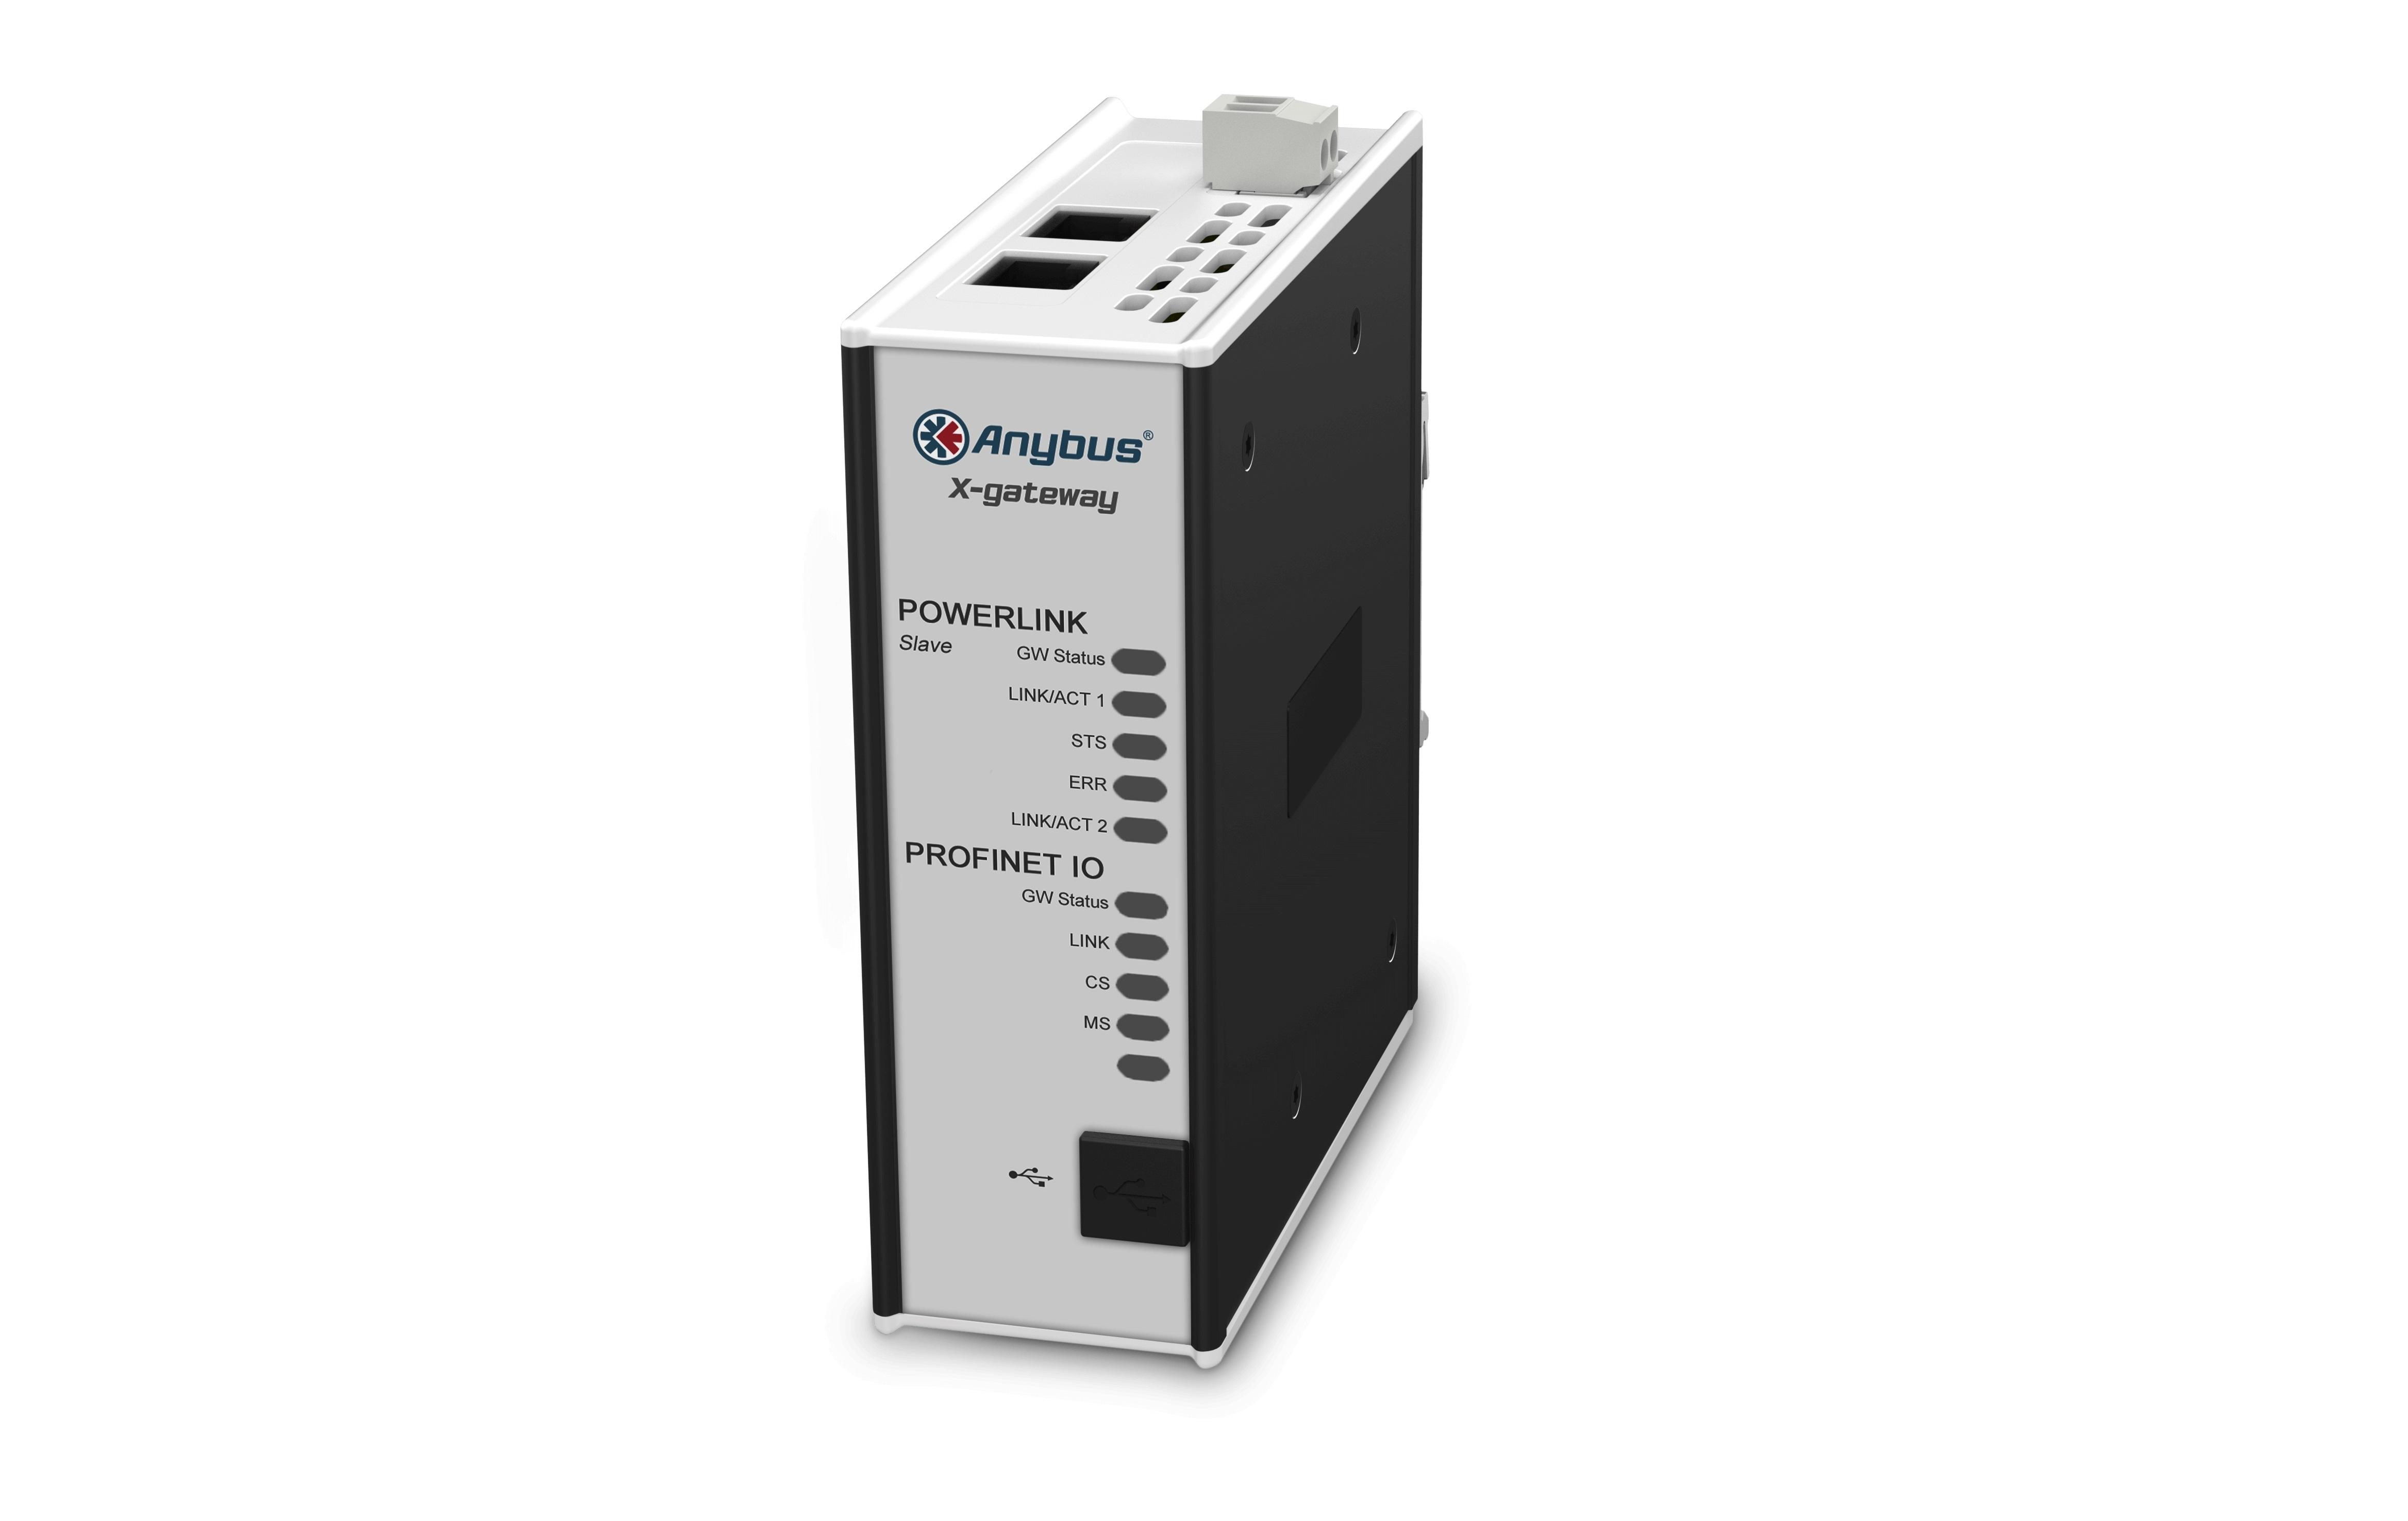 Las pasarelas Anybus X ofrecen conectividad a Ethernet POWERLINK